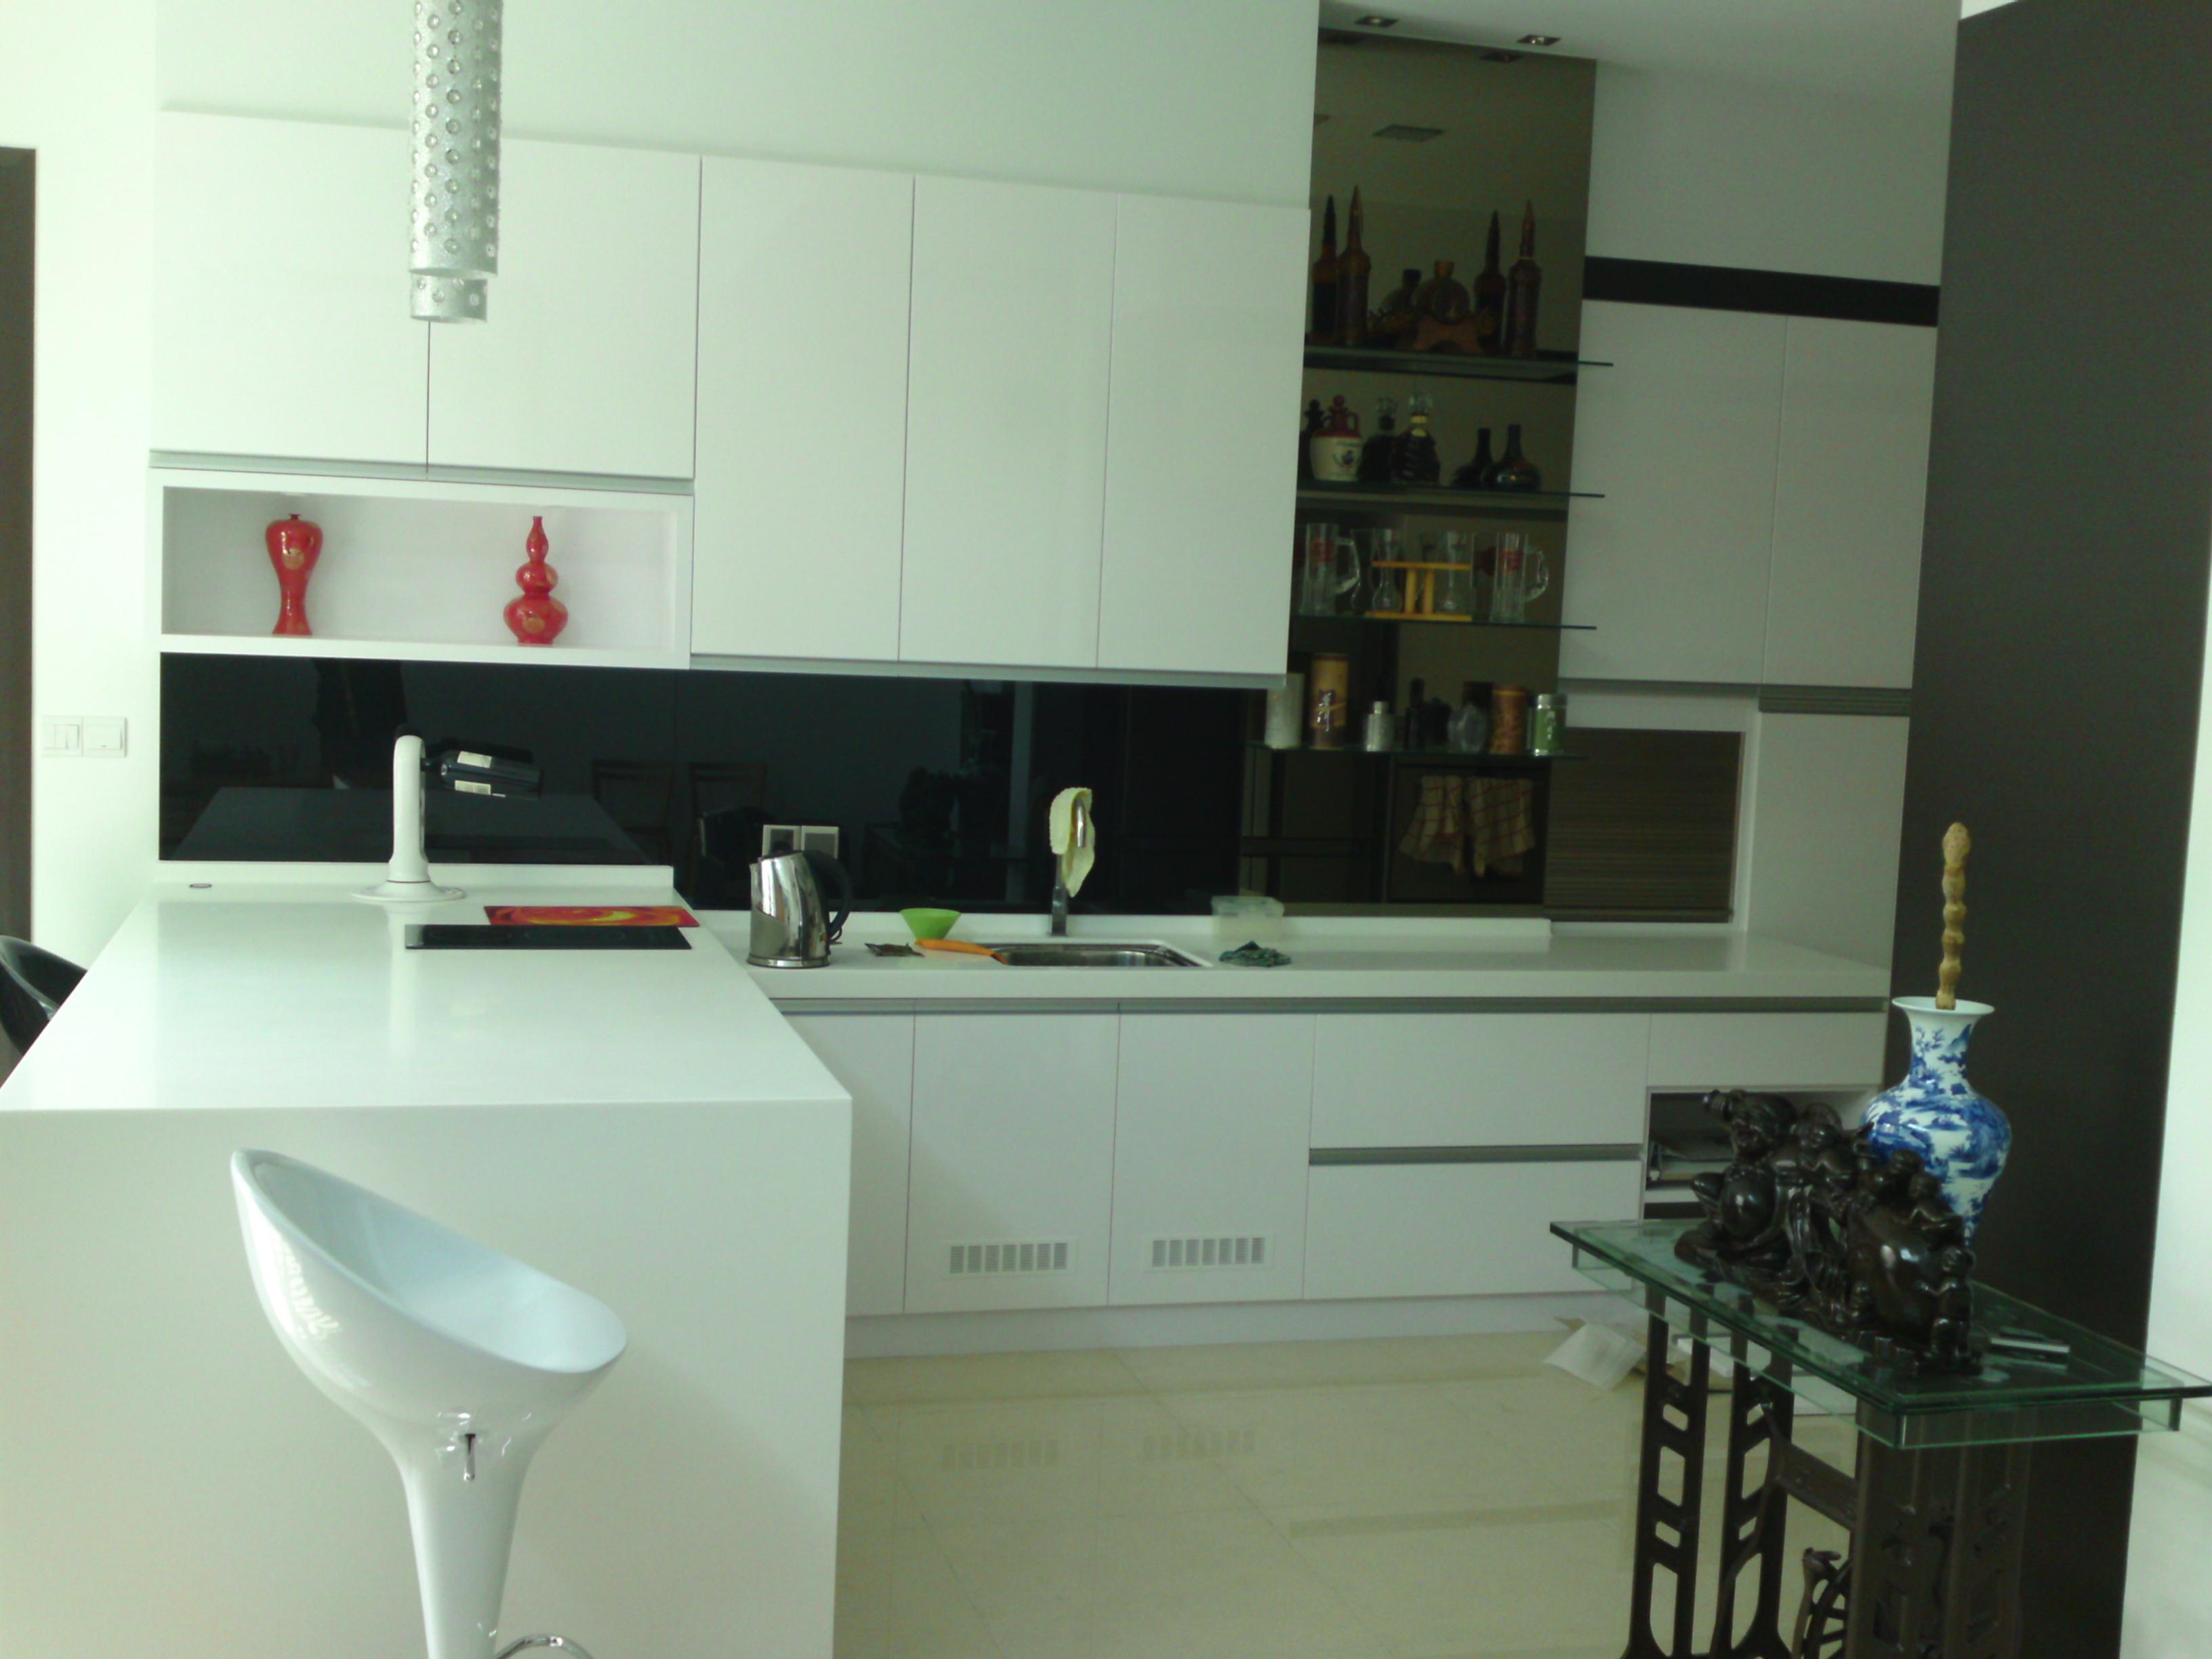 Kitchen design ideas malaysia for Kitchen ideas malaysia